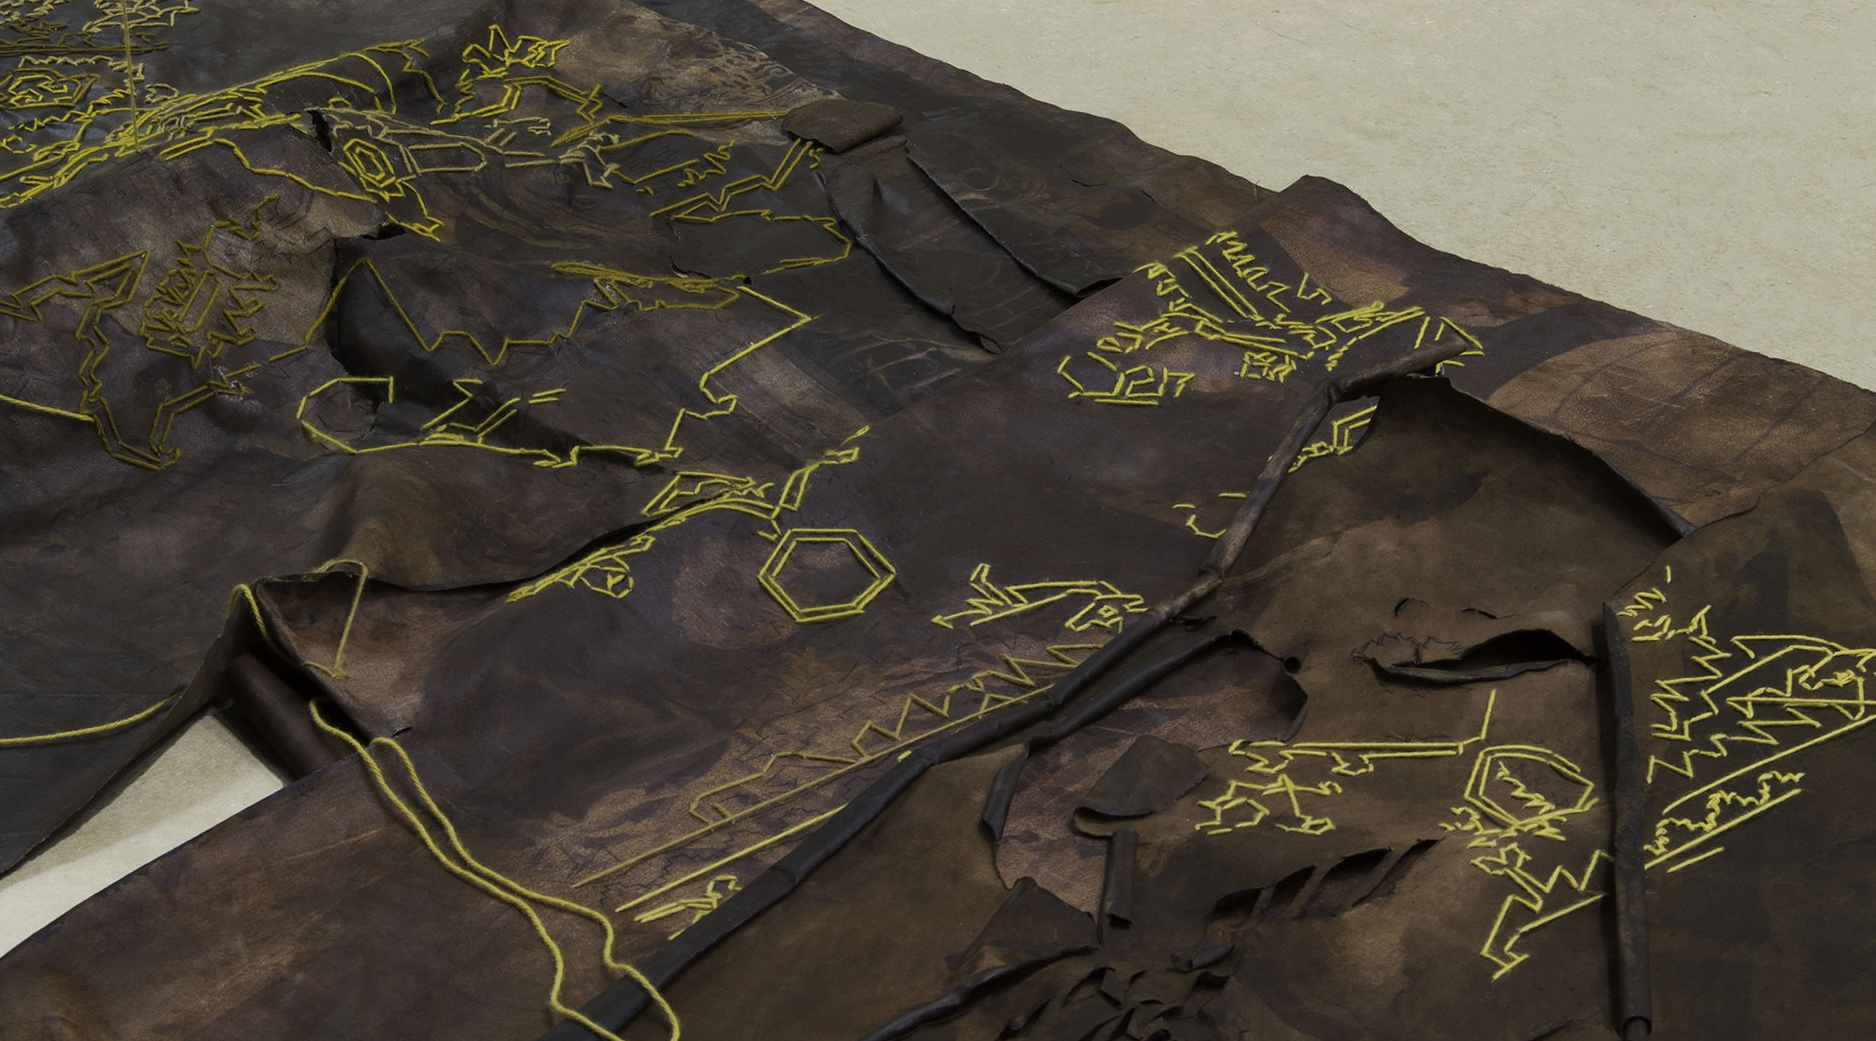 Prayermat II (Detail)